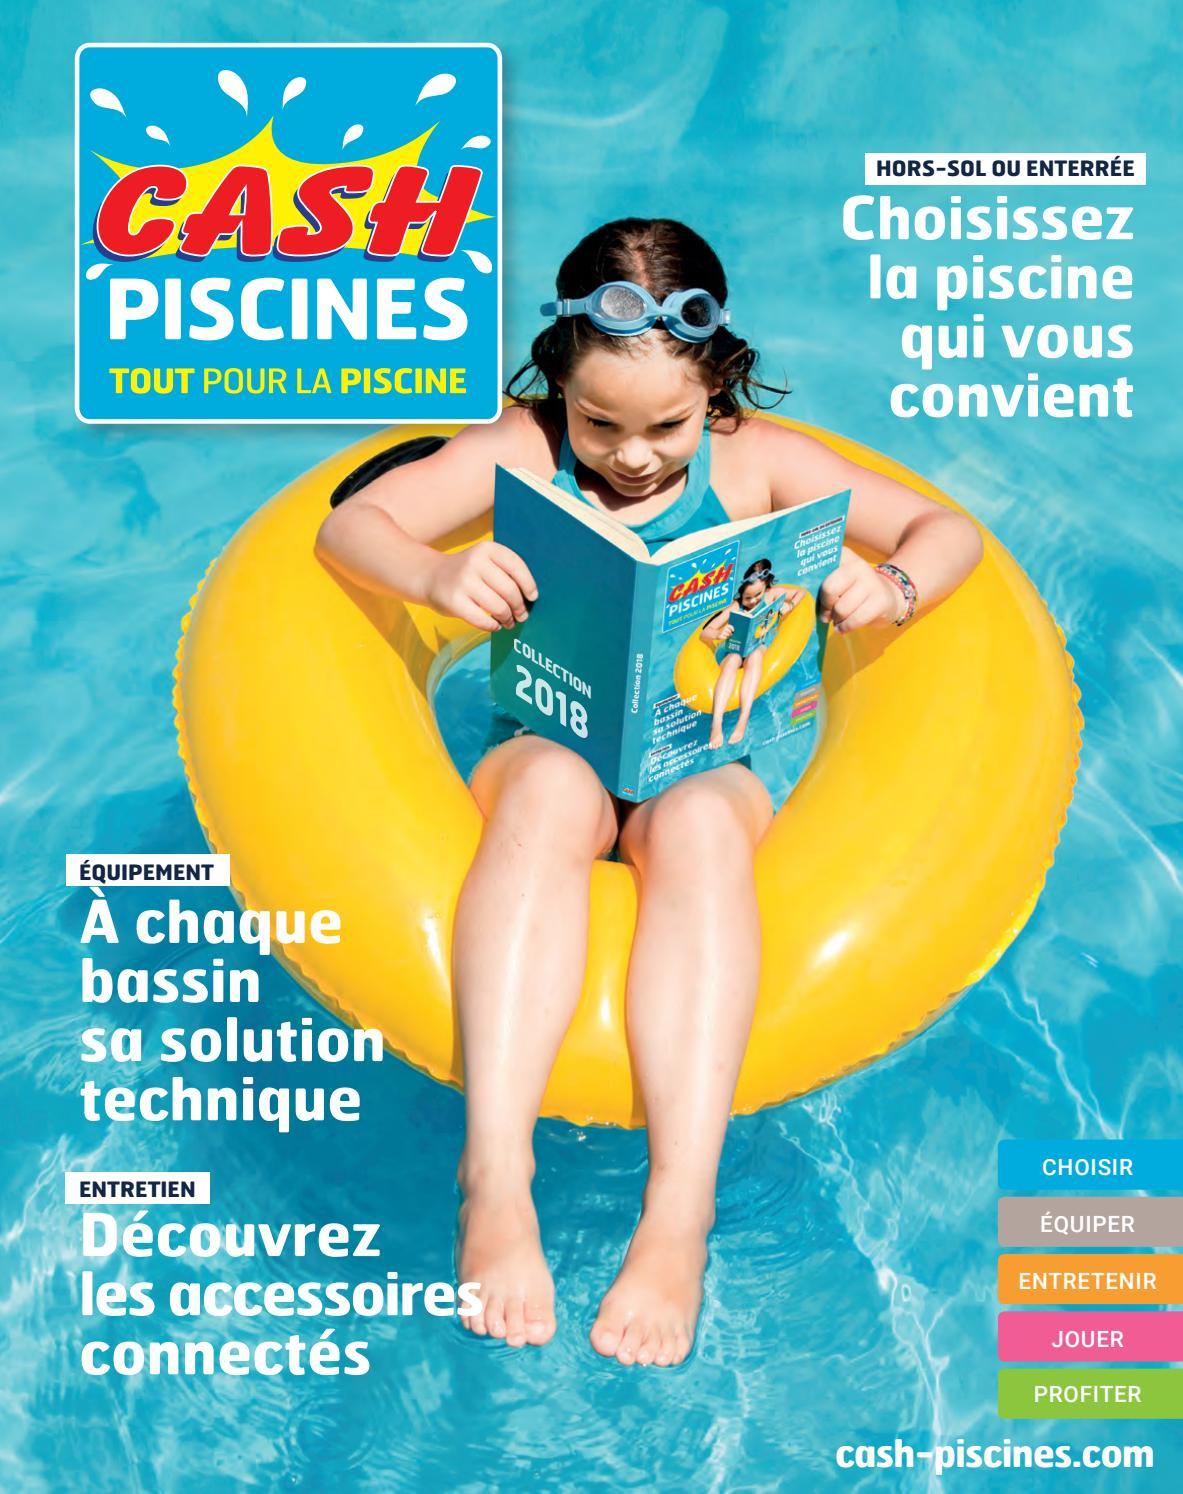 Catalogue Cash Piscine 2018 By Octave Octave - Issuu dedans Cash Piscine Toulon